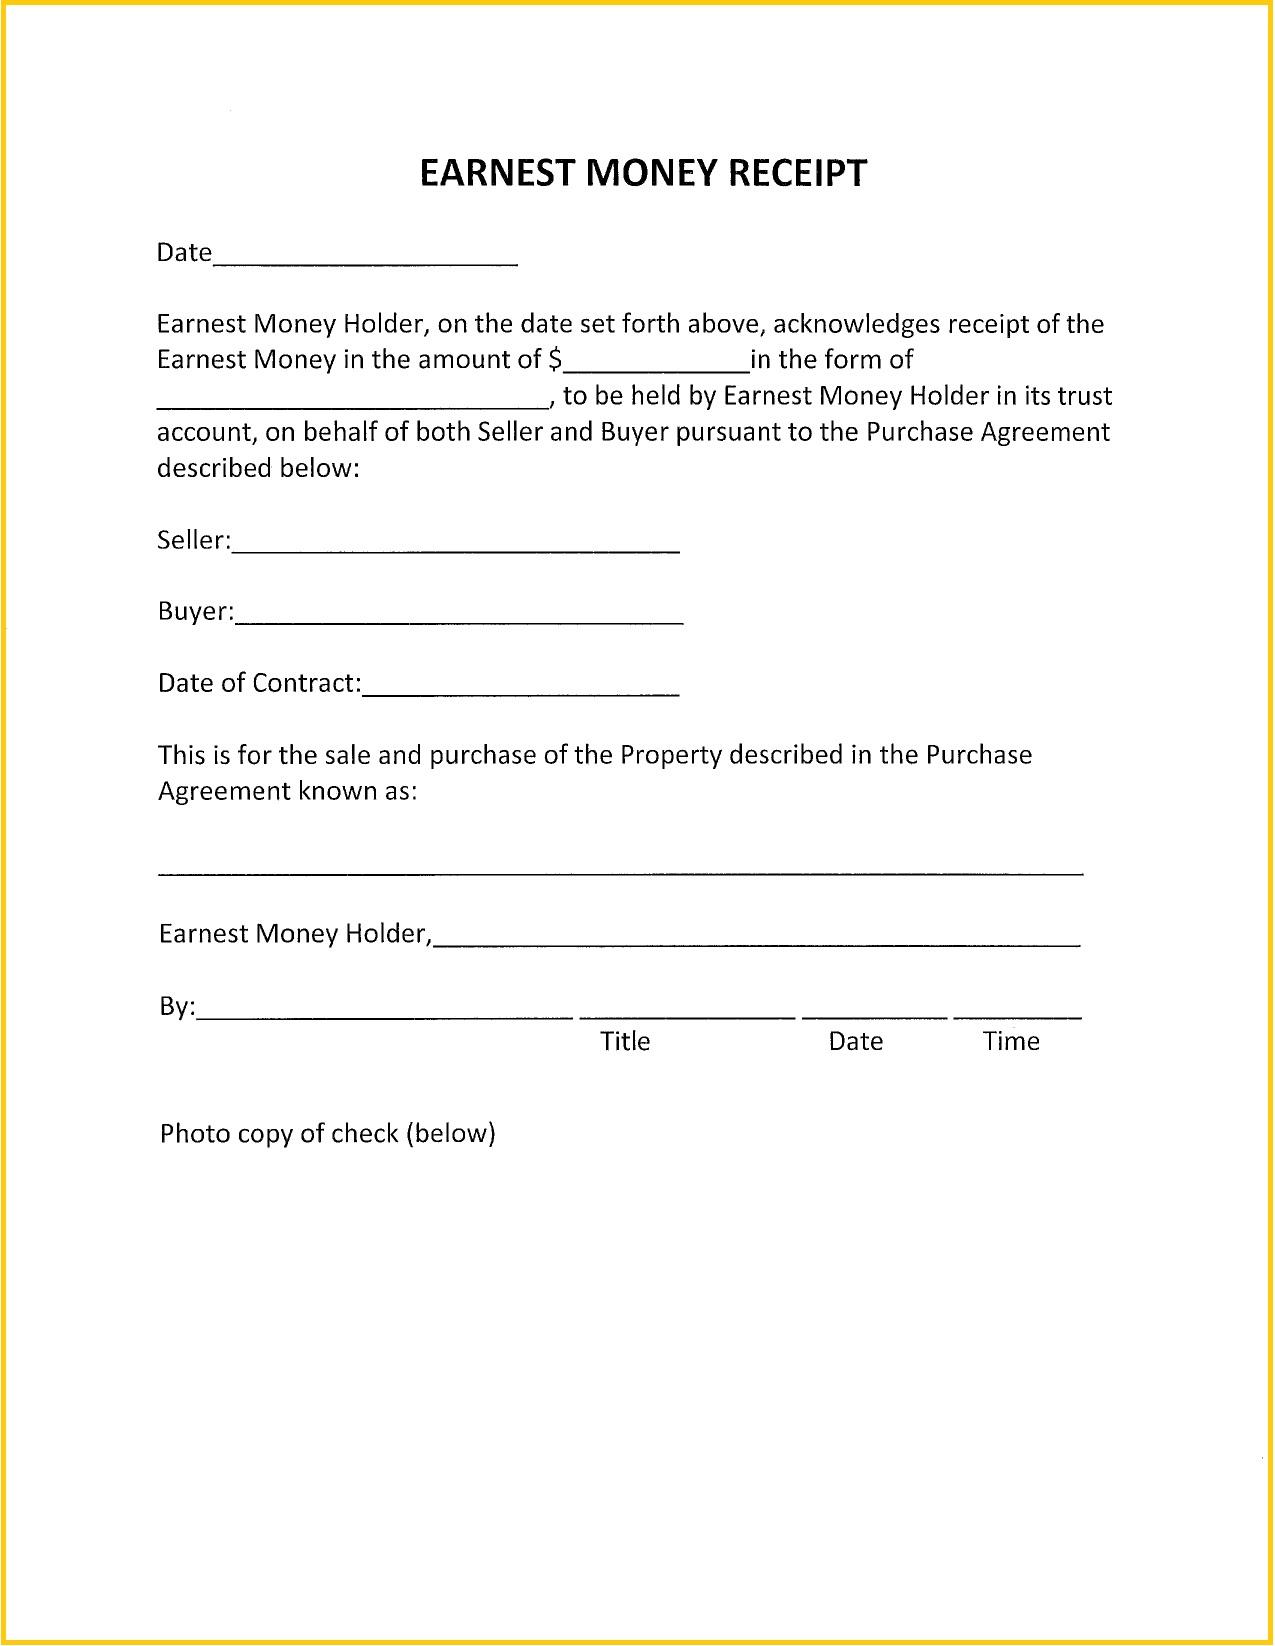 Earnest Money Deposit Receipt PDF Template